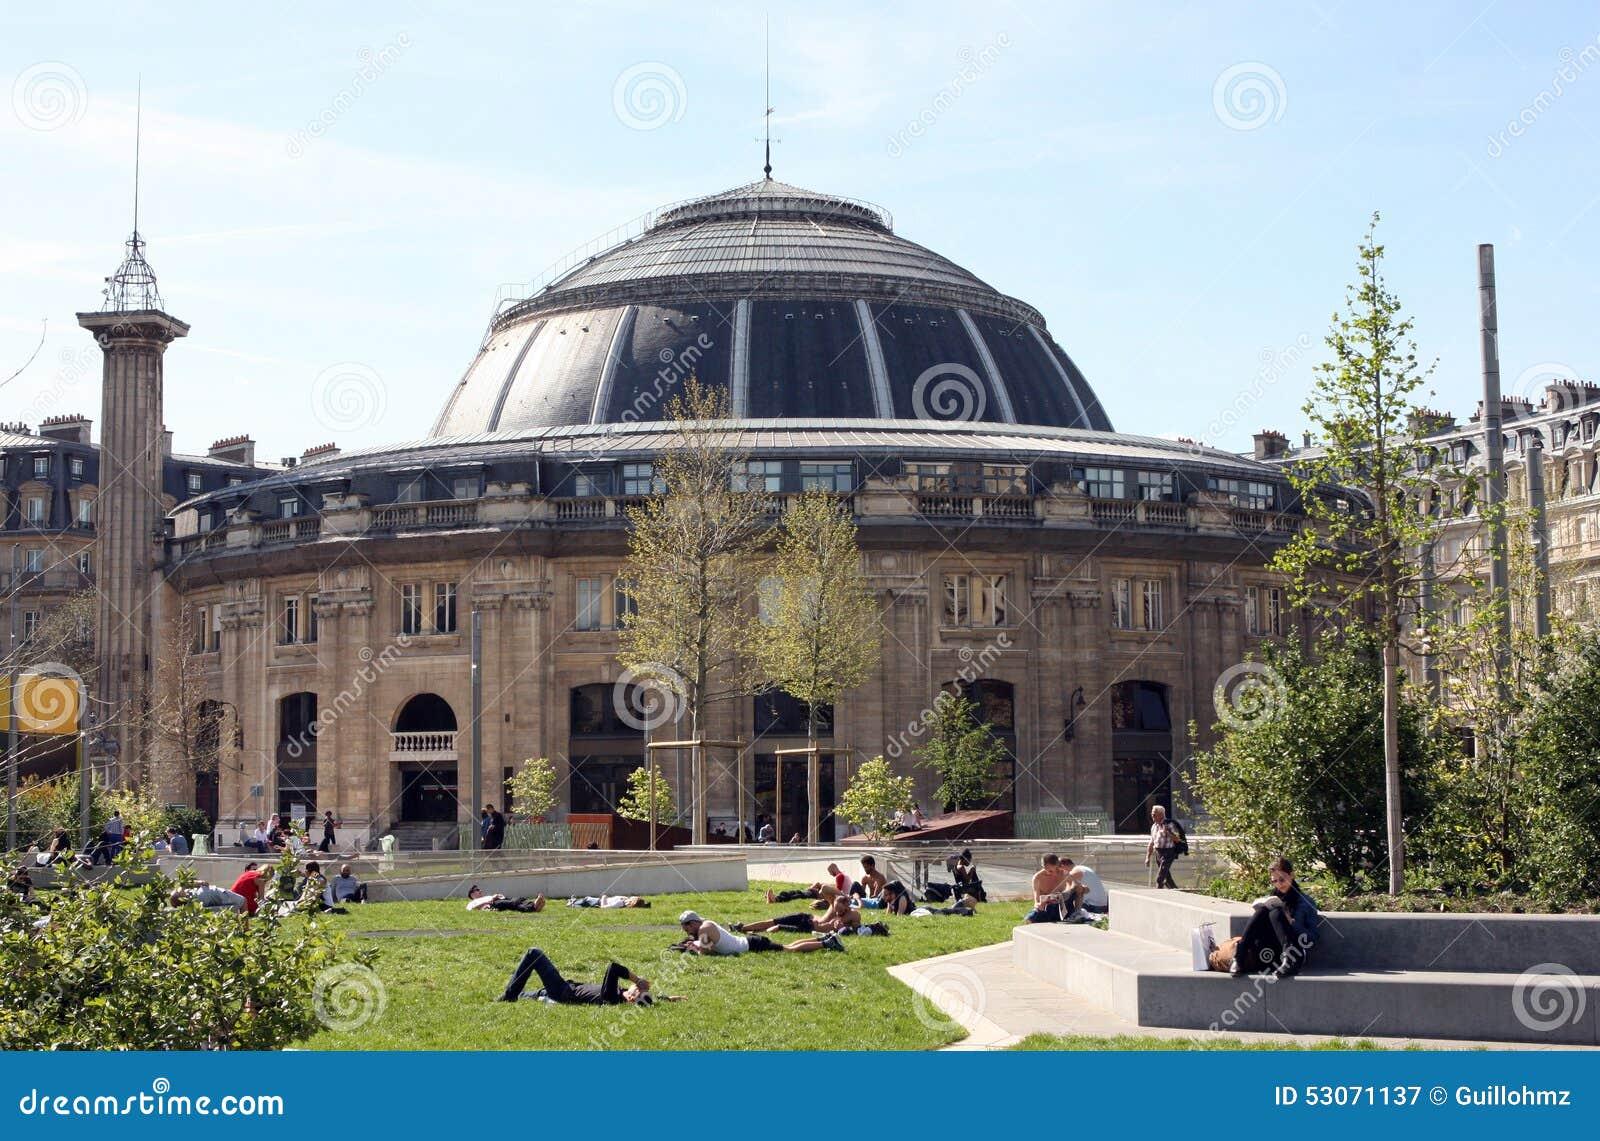 chambre de commerce - paris photographie éditorial - image: 53071137